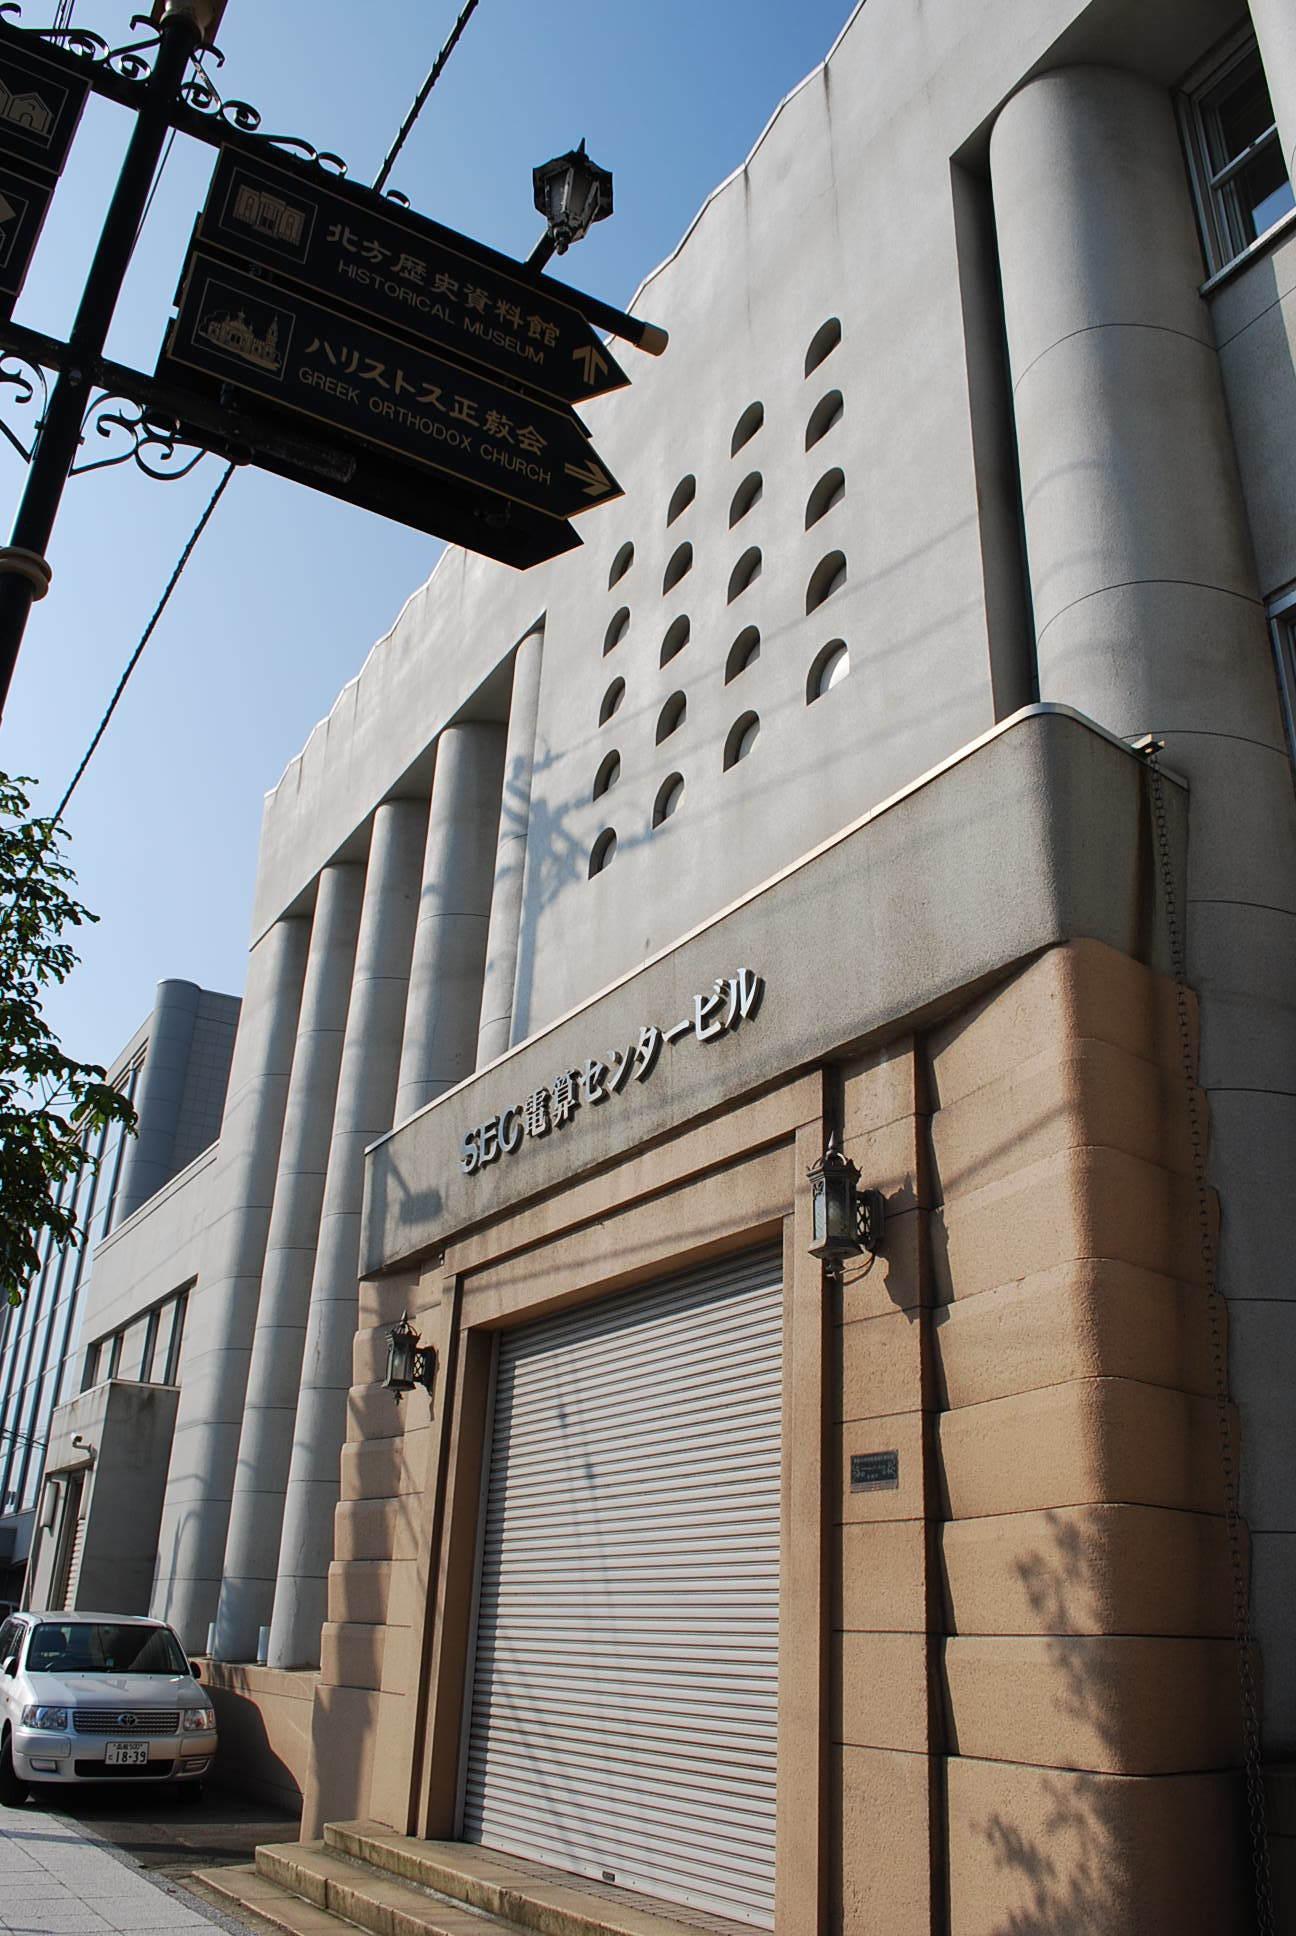 函館末広町の旧百十三銀行本店(建築家・関根要太郎函館作品再訪、その4)_f0142606_22455399.jpg